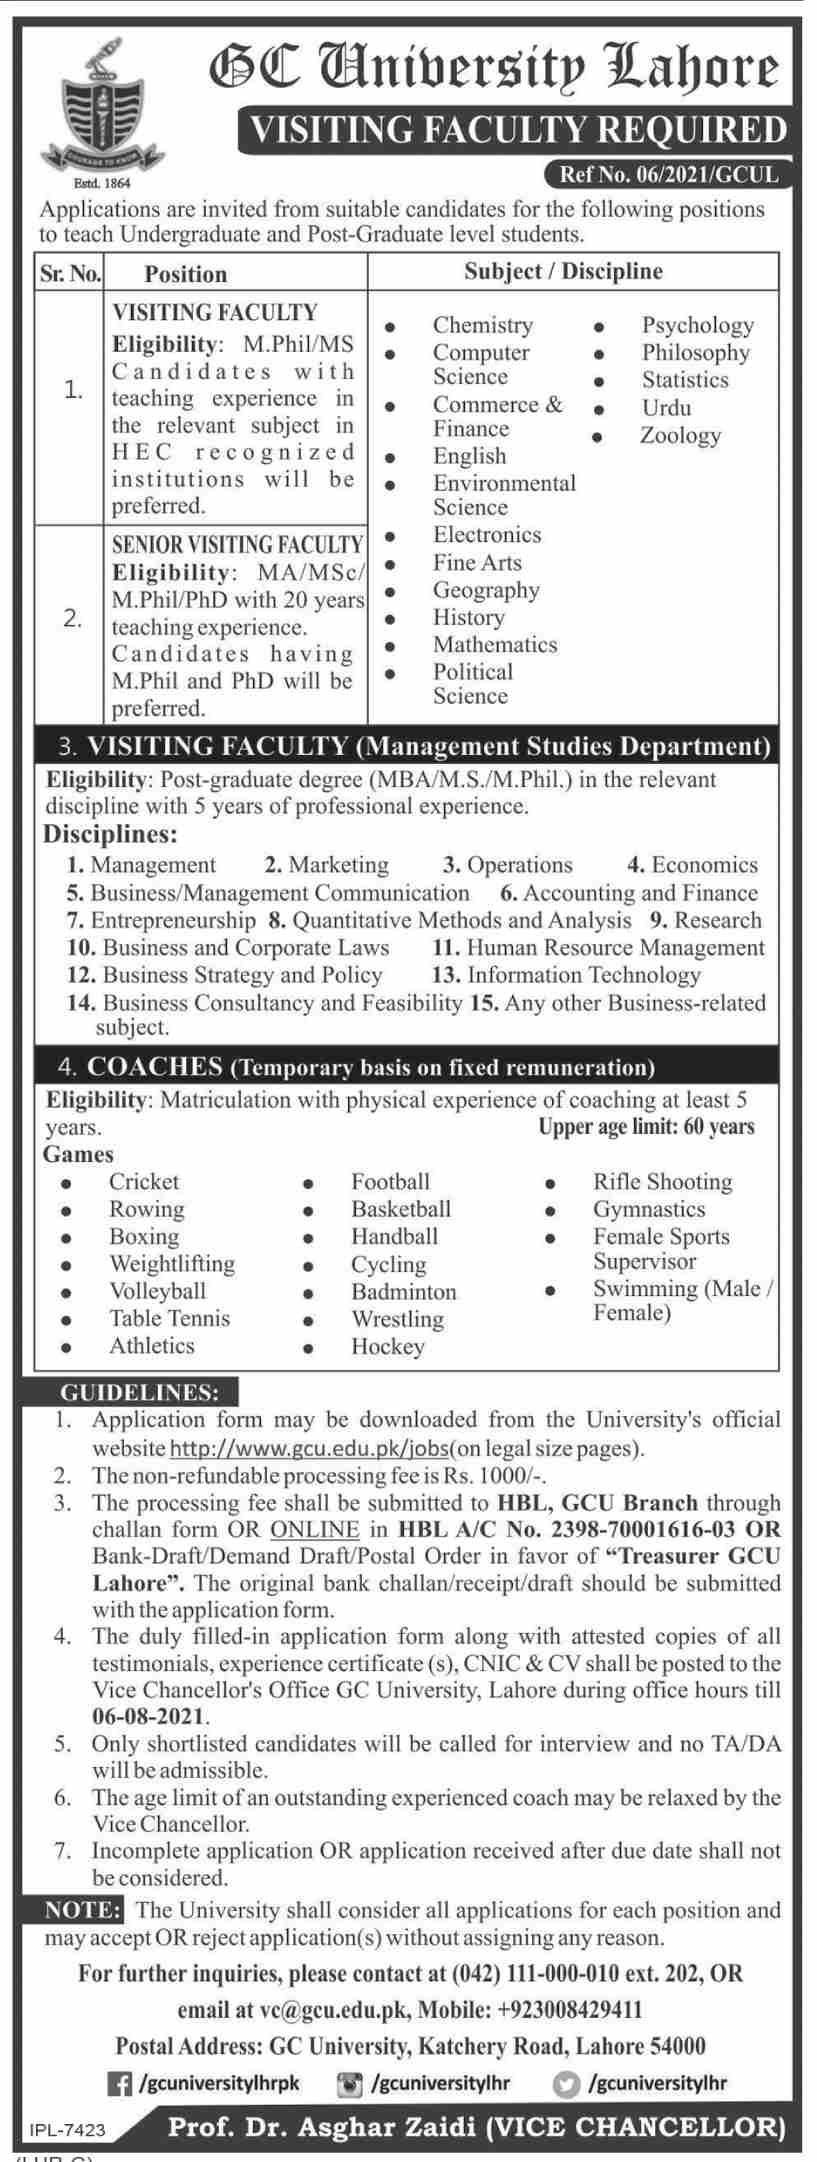 GC University Lahore Jobs 2021 - Government College University Jobs